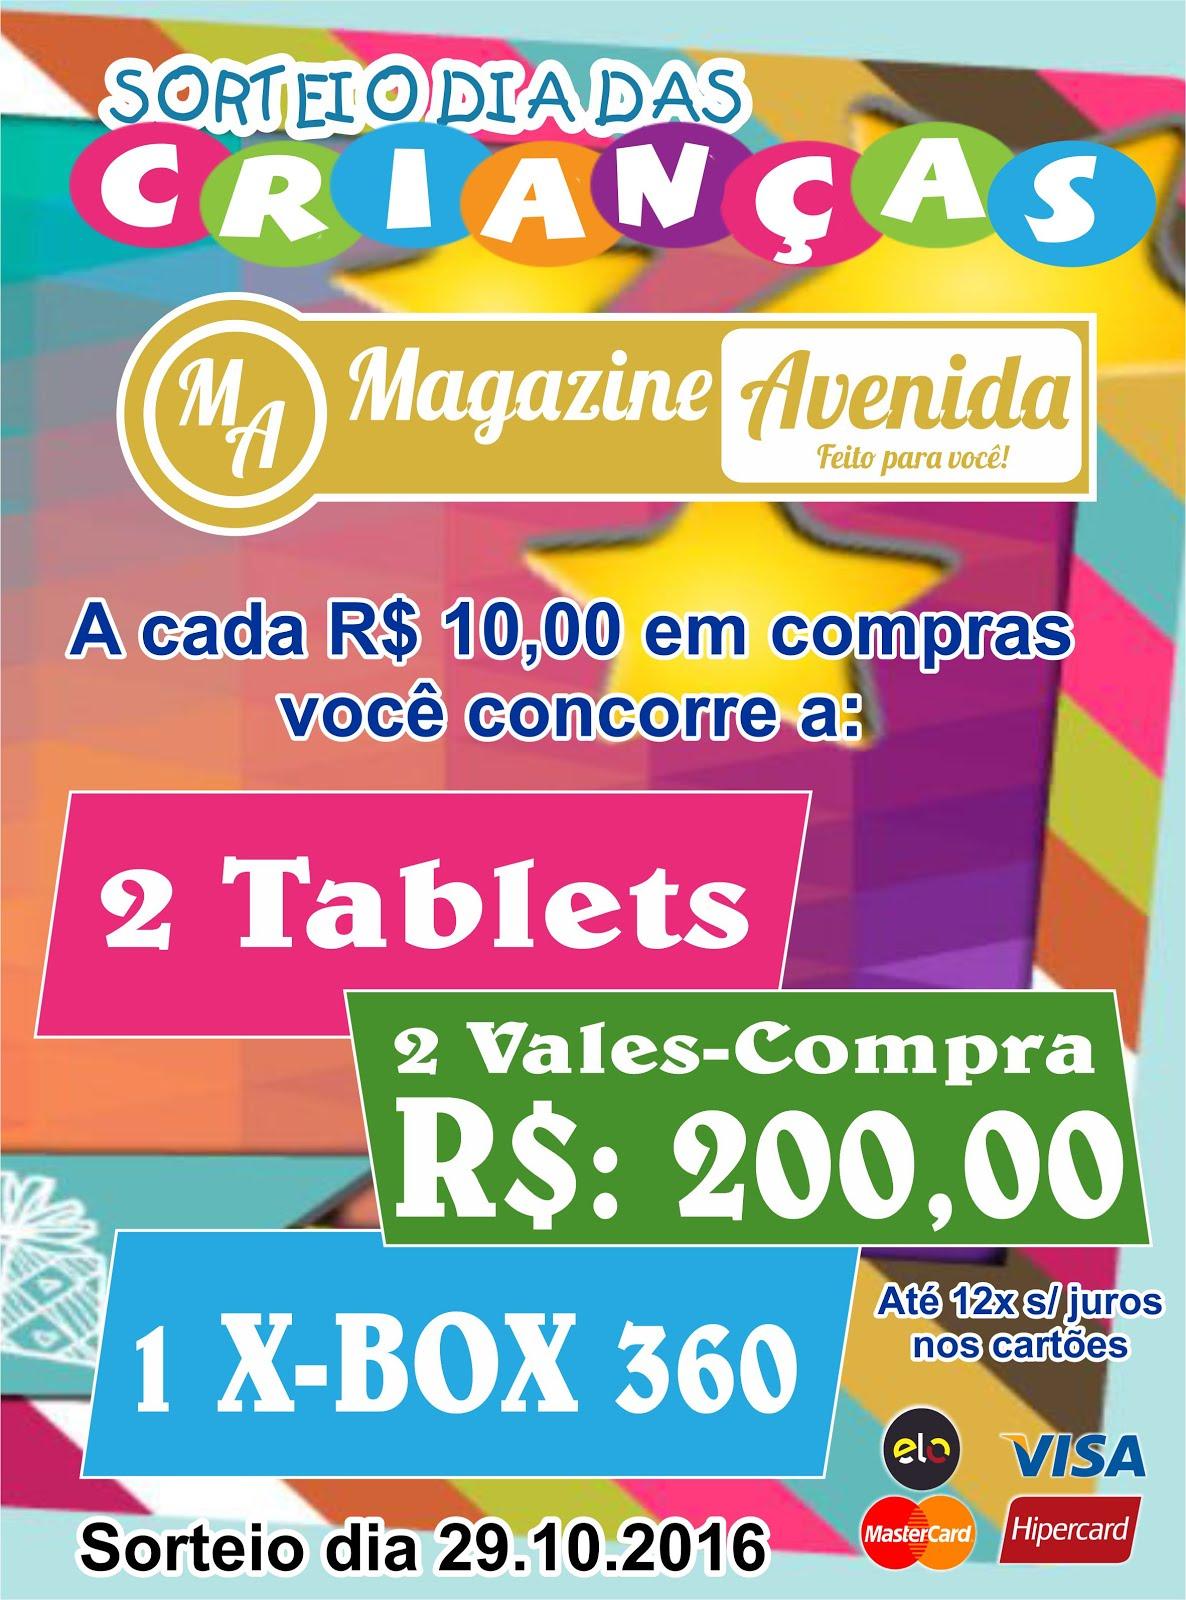 Dia das Crianças Magazine Avenida